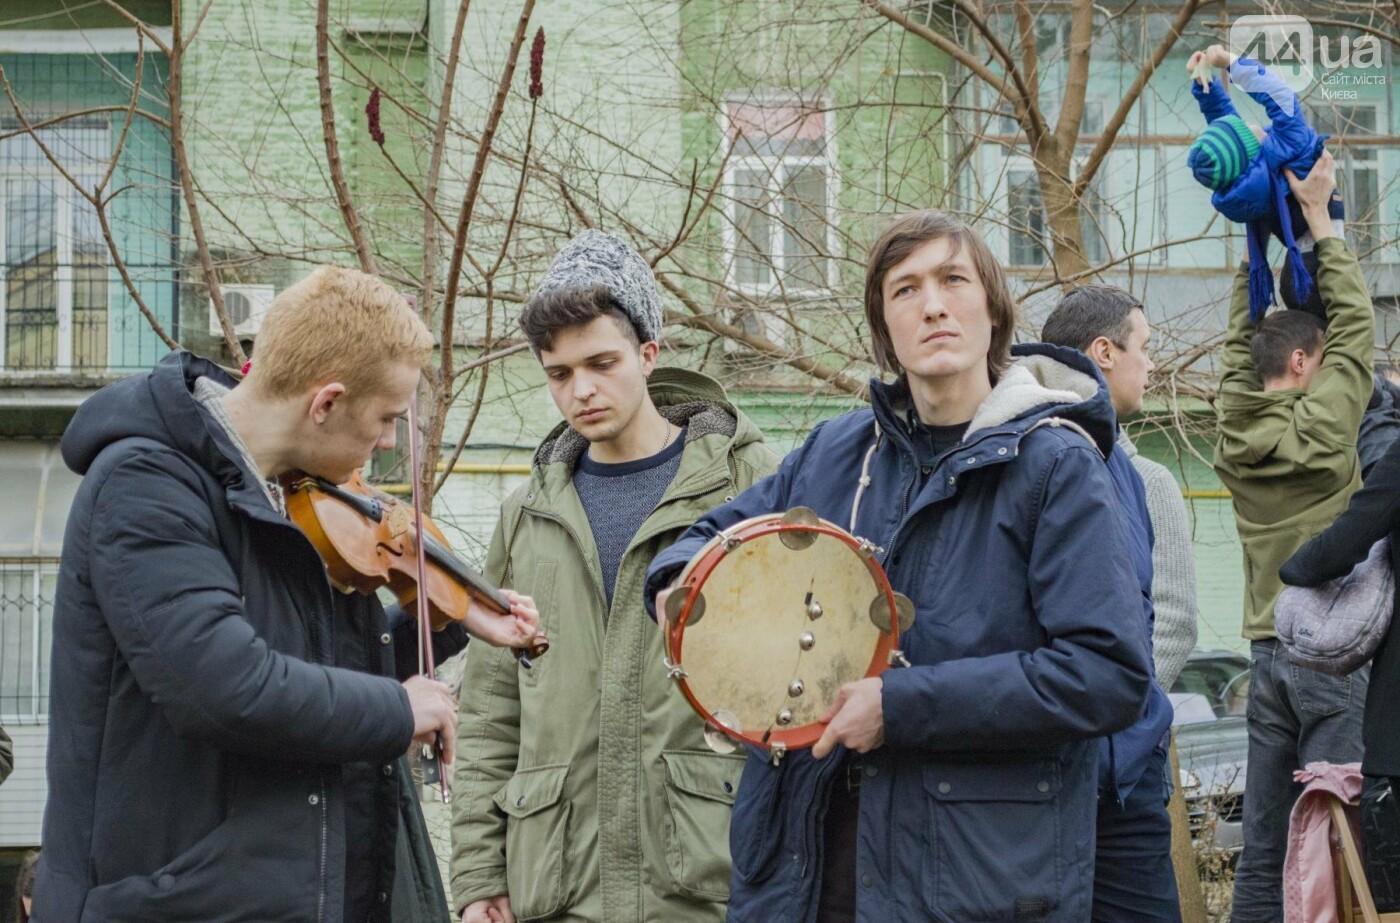 Бумажные птицы, танцы и вкусности: как в Киеве отметили праздник весны  , фото-5